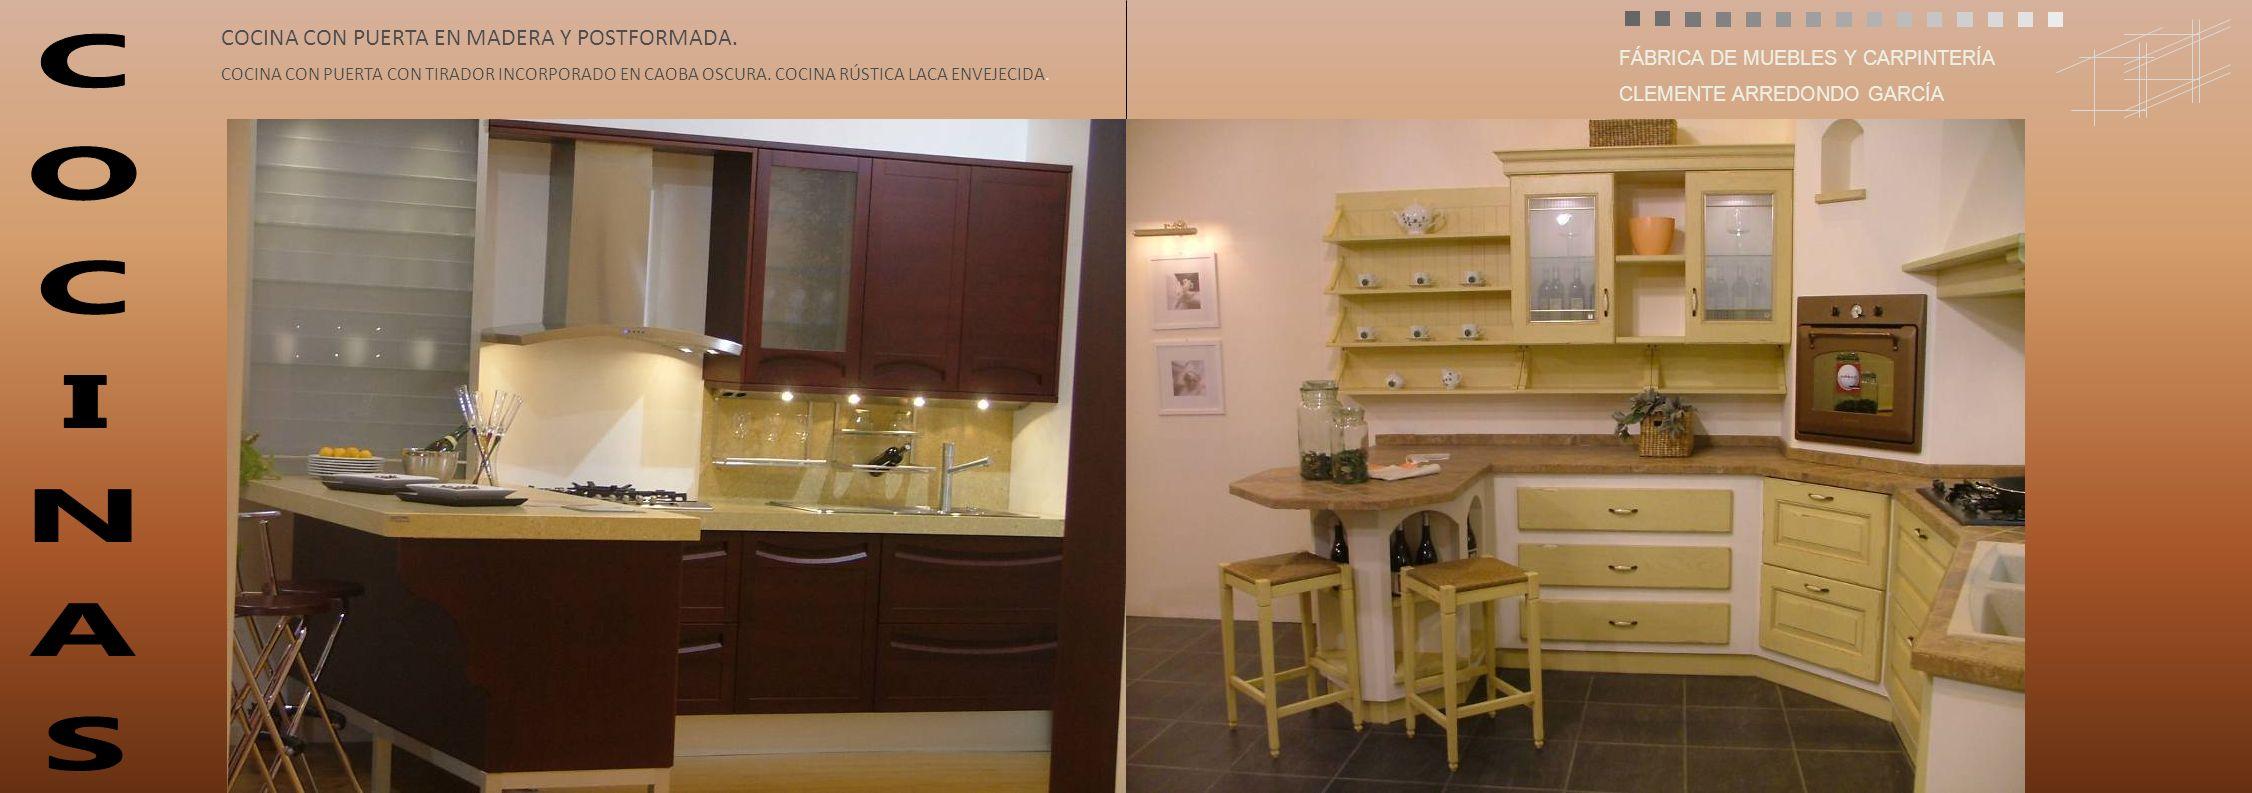 Muebles de cocina granada tiendas muebles de cocina for Muebles de cocina en granada